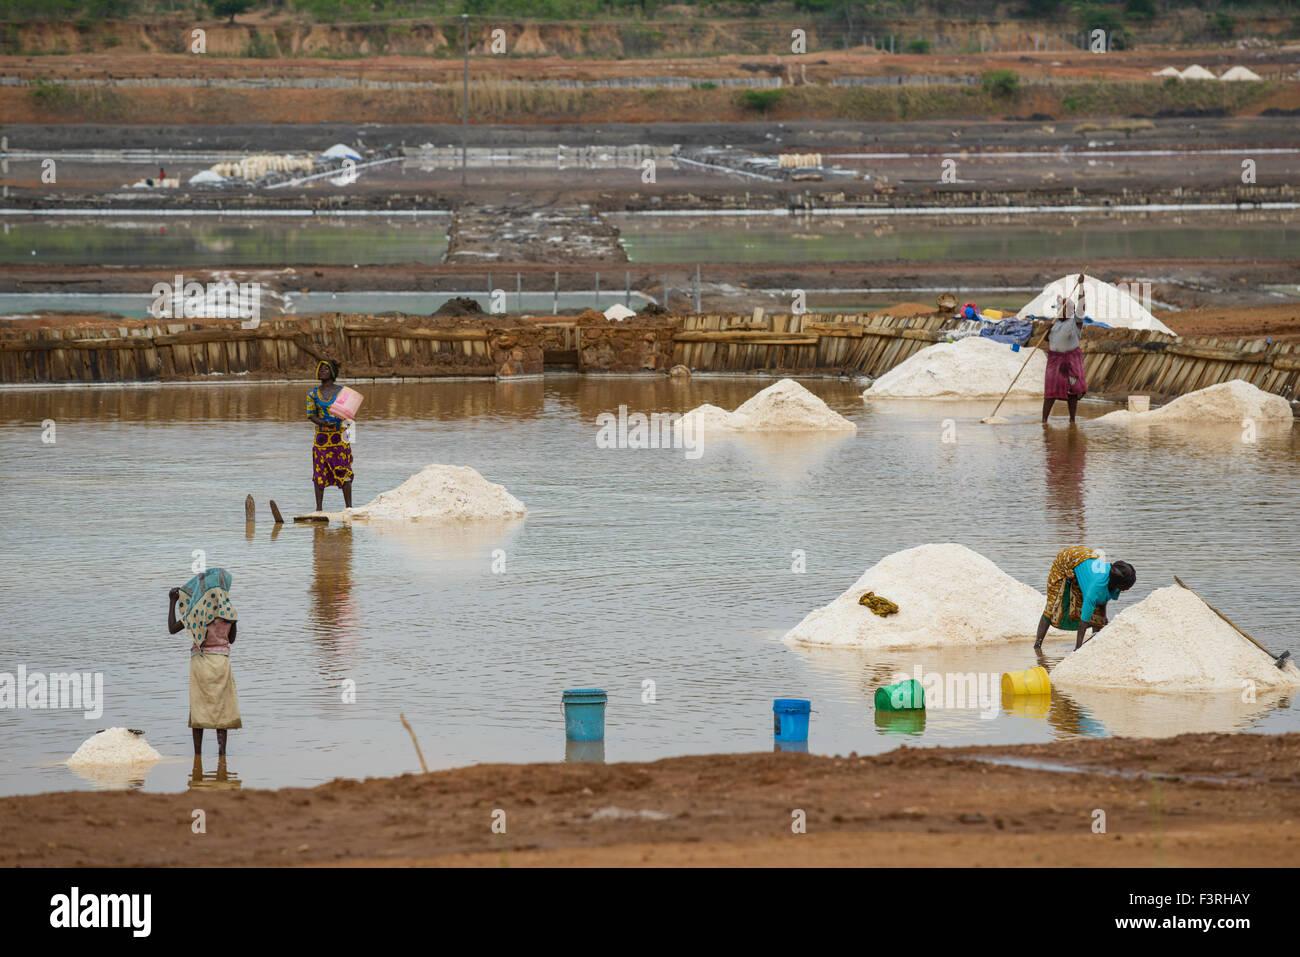 Salzgewinnung in eine Salzpfanne, westlichen Tansania, Afrika Stockbild